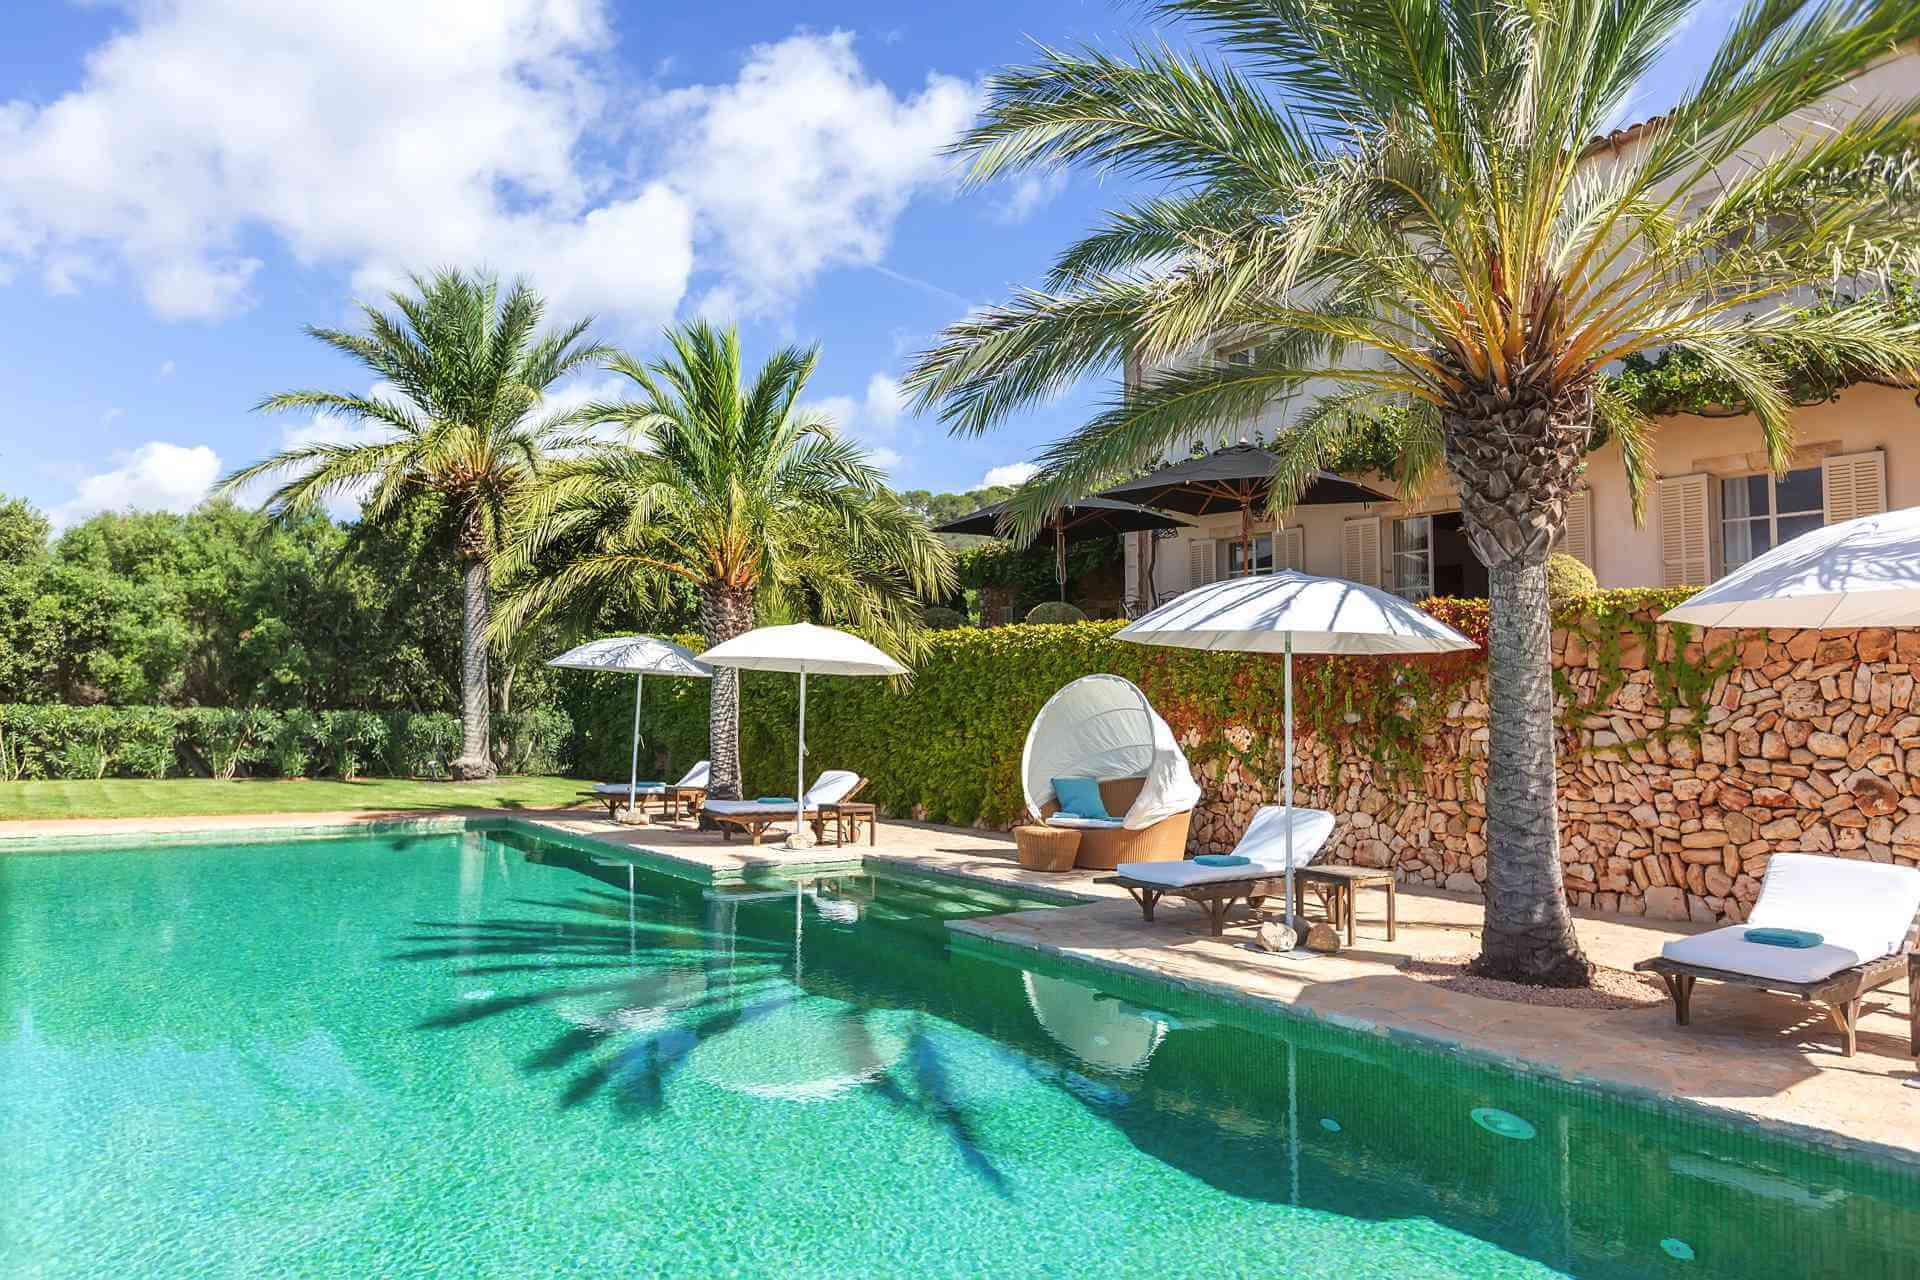 01-343 luxuriöse Finca Mallorca Süden Bild 2